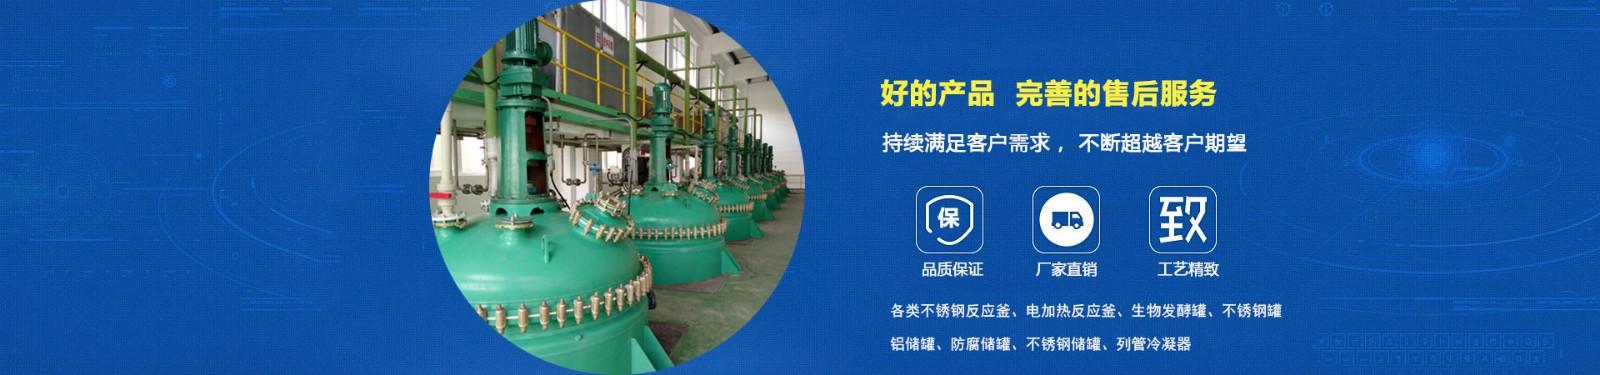 不锈钢反应釜公司介绍